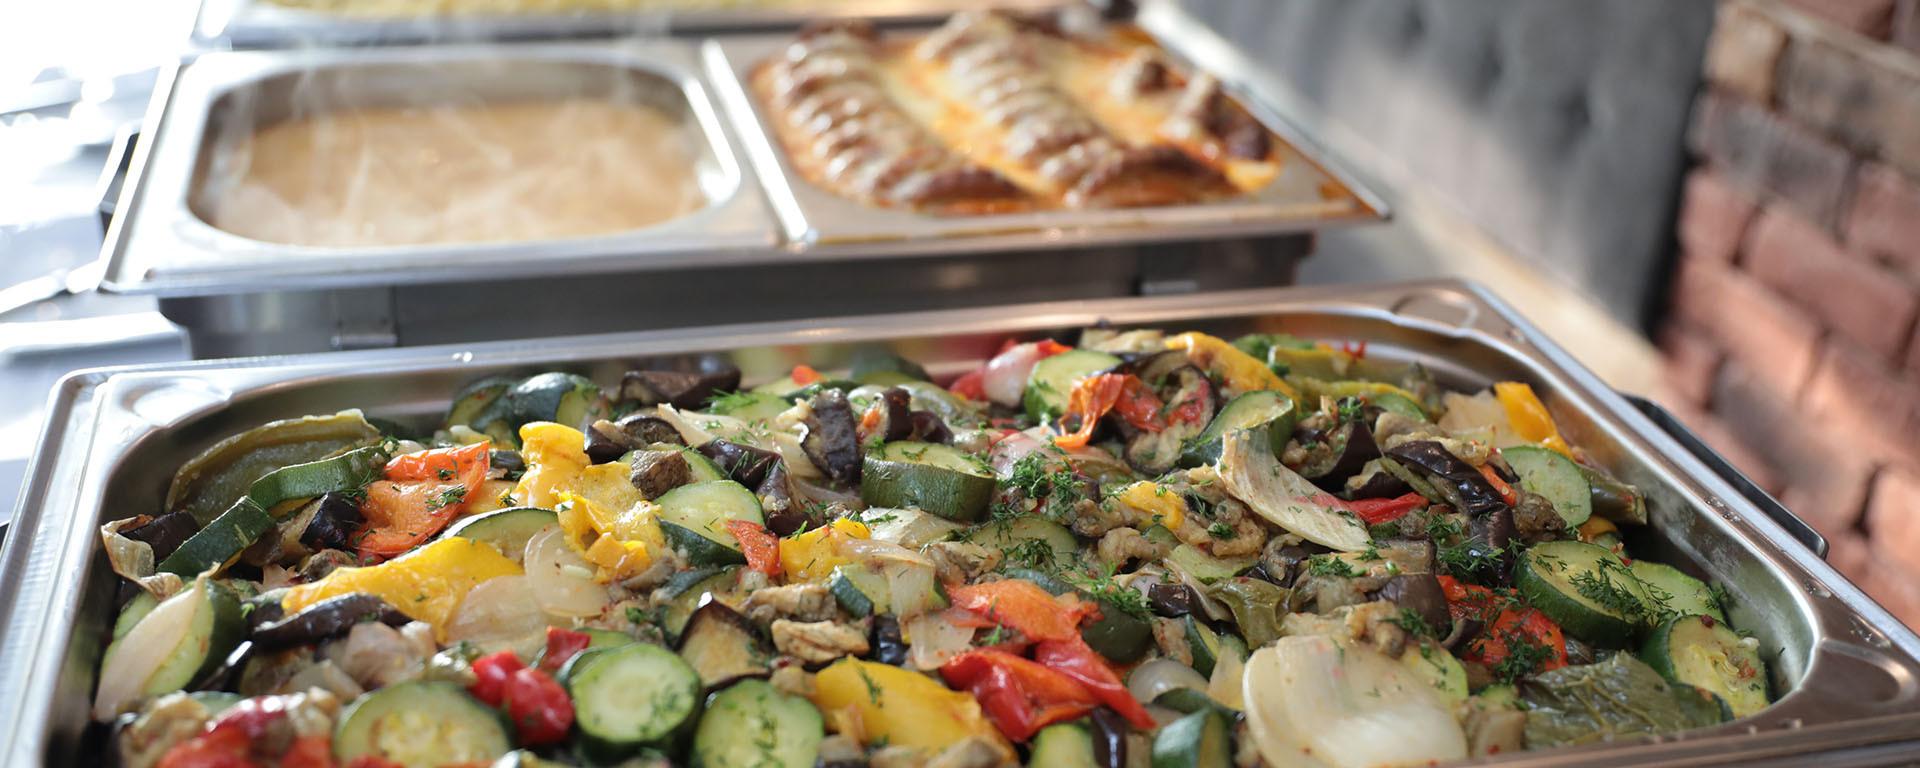 Feiern Sie entspannt: Unsere Küche und unser Service-Team kümmert sich um Ihre Gäste und verwöhnt sie!